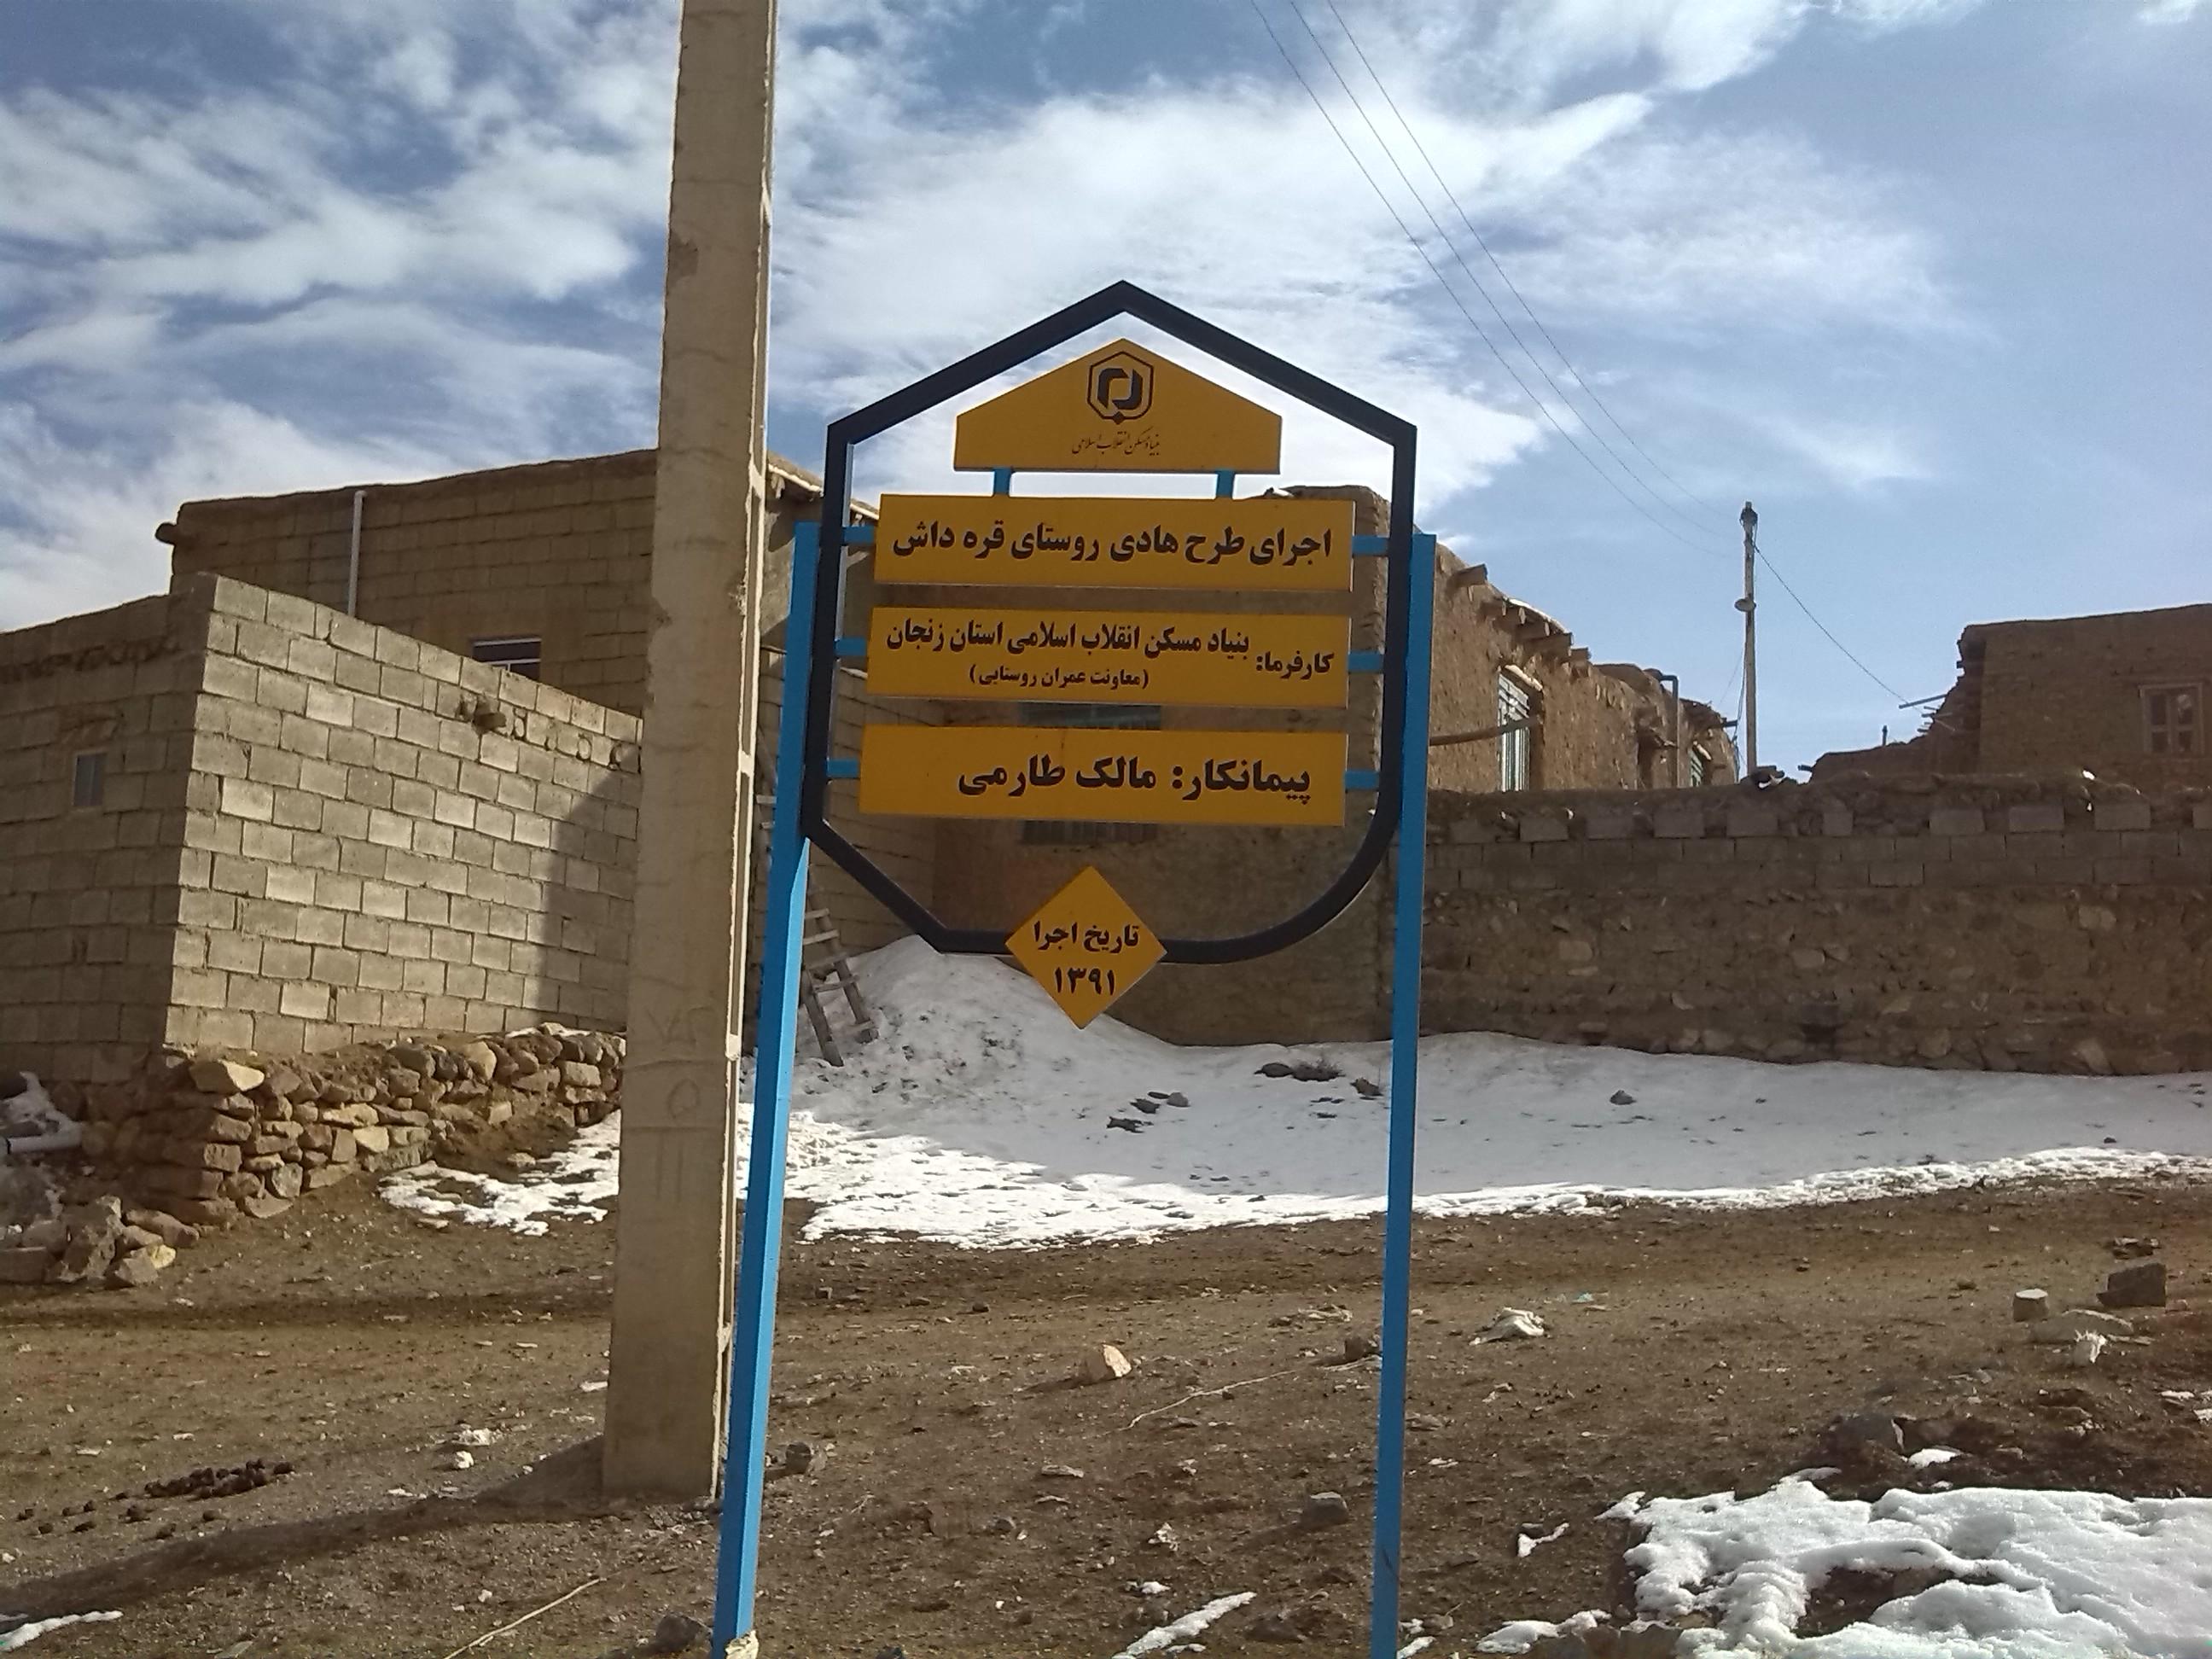 اجرای طرح هادی در روستا